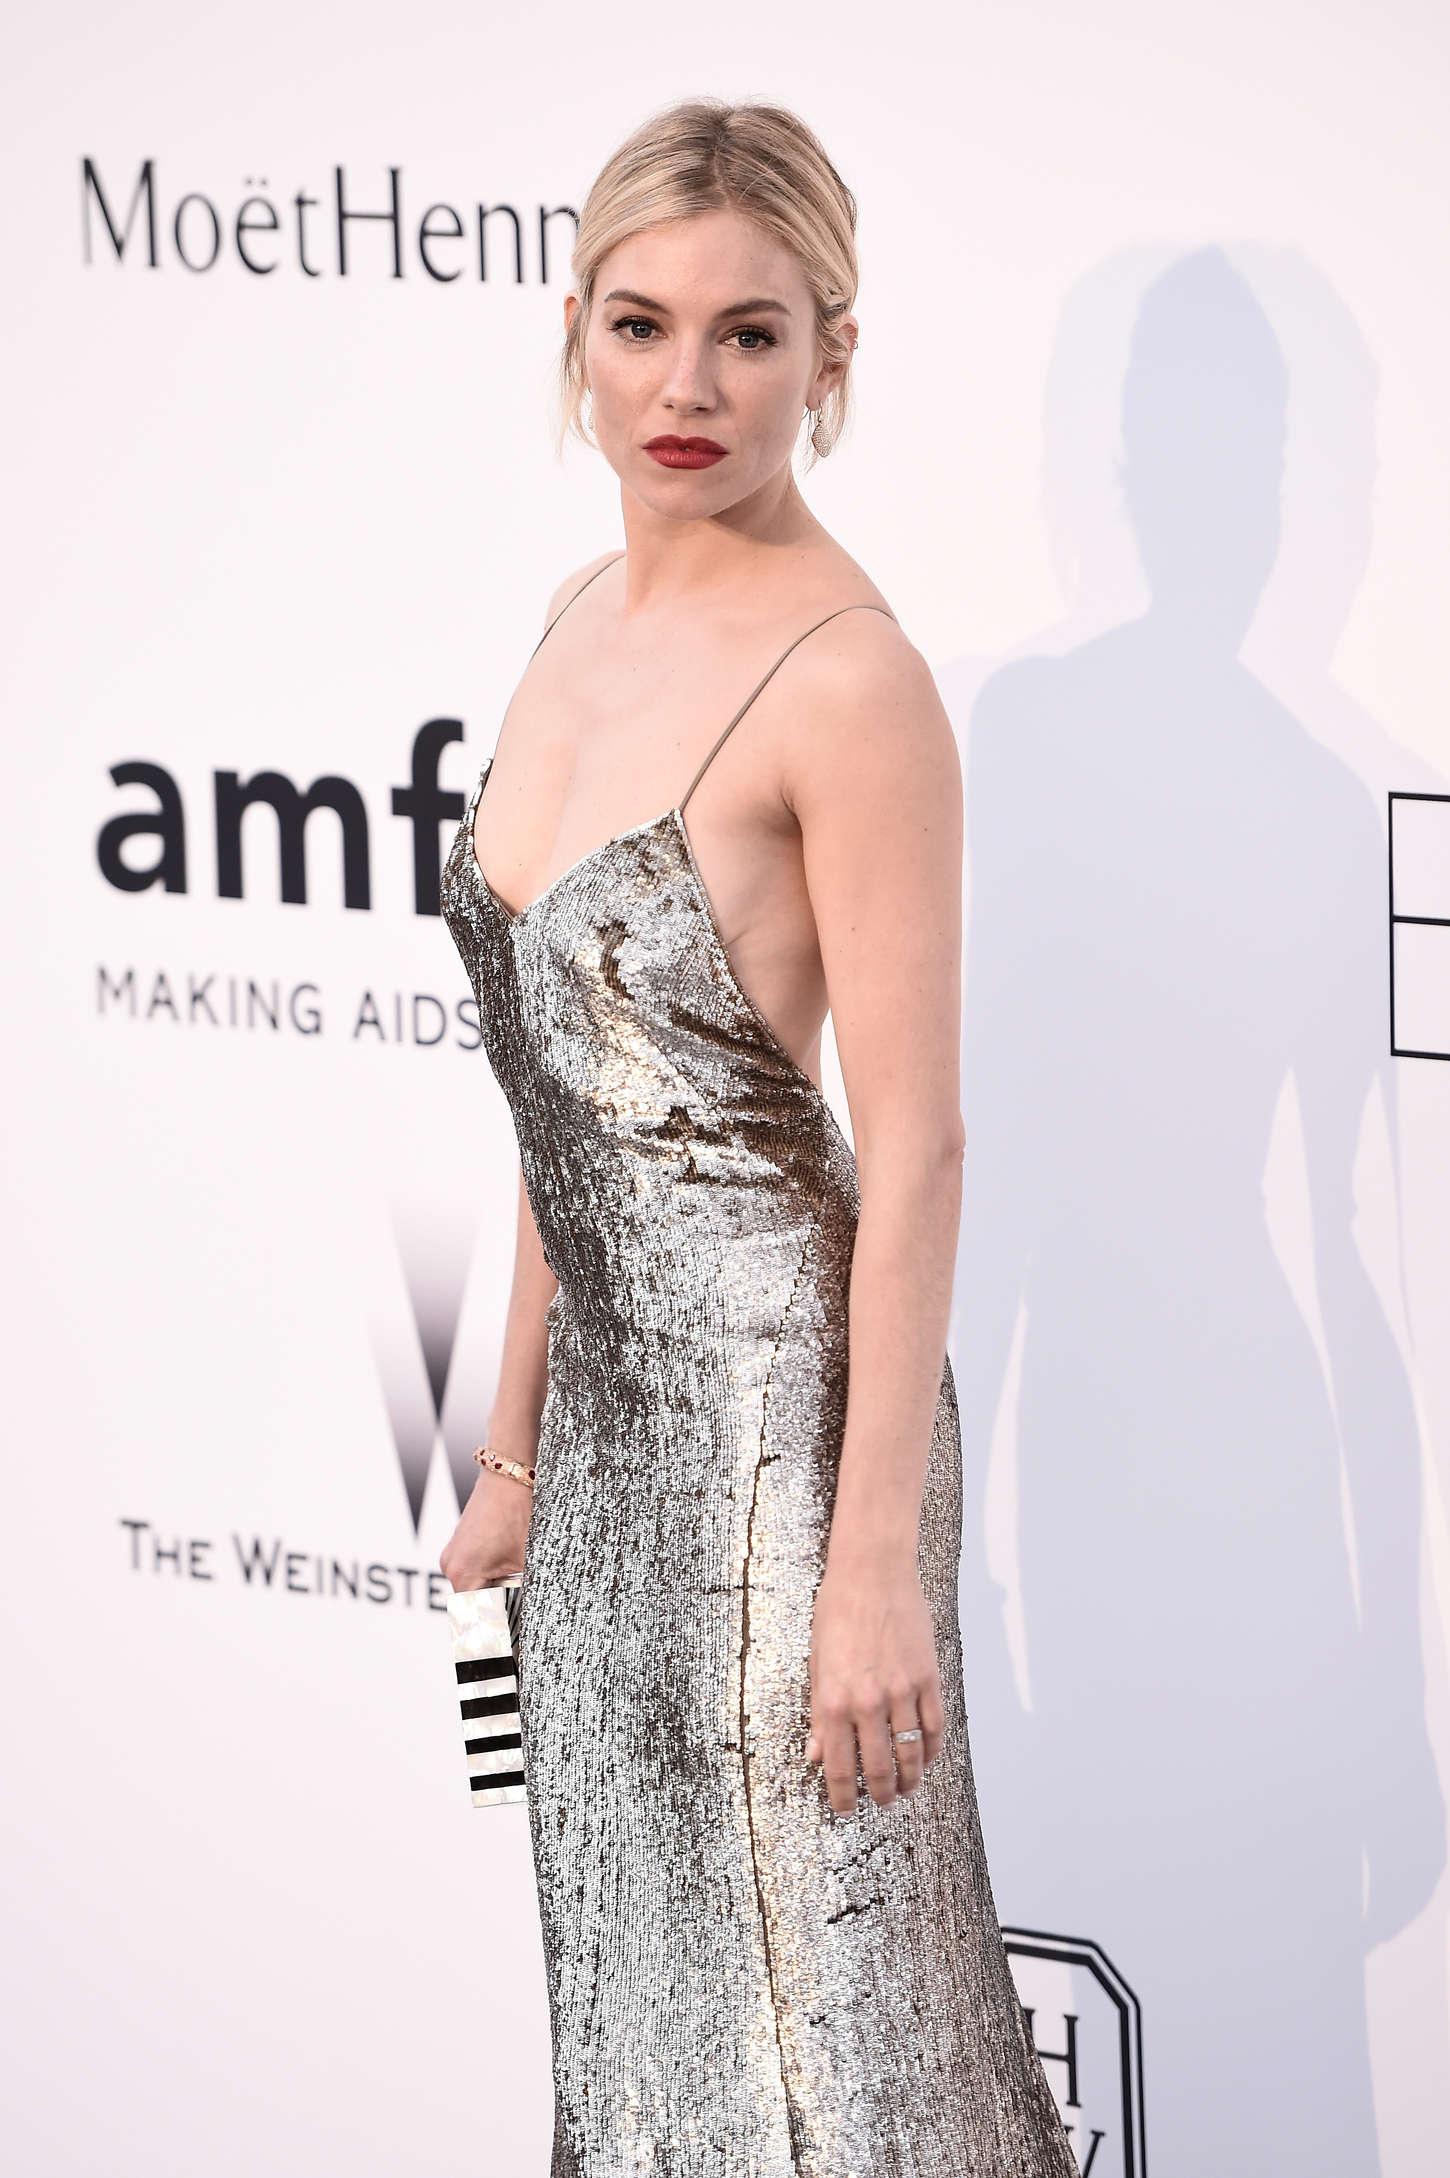 Sienna-Miller--amfAR-2015--06.jpg